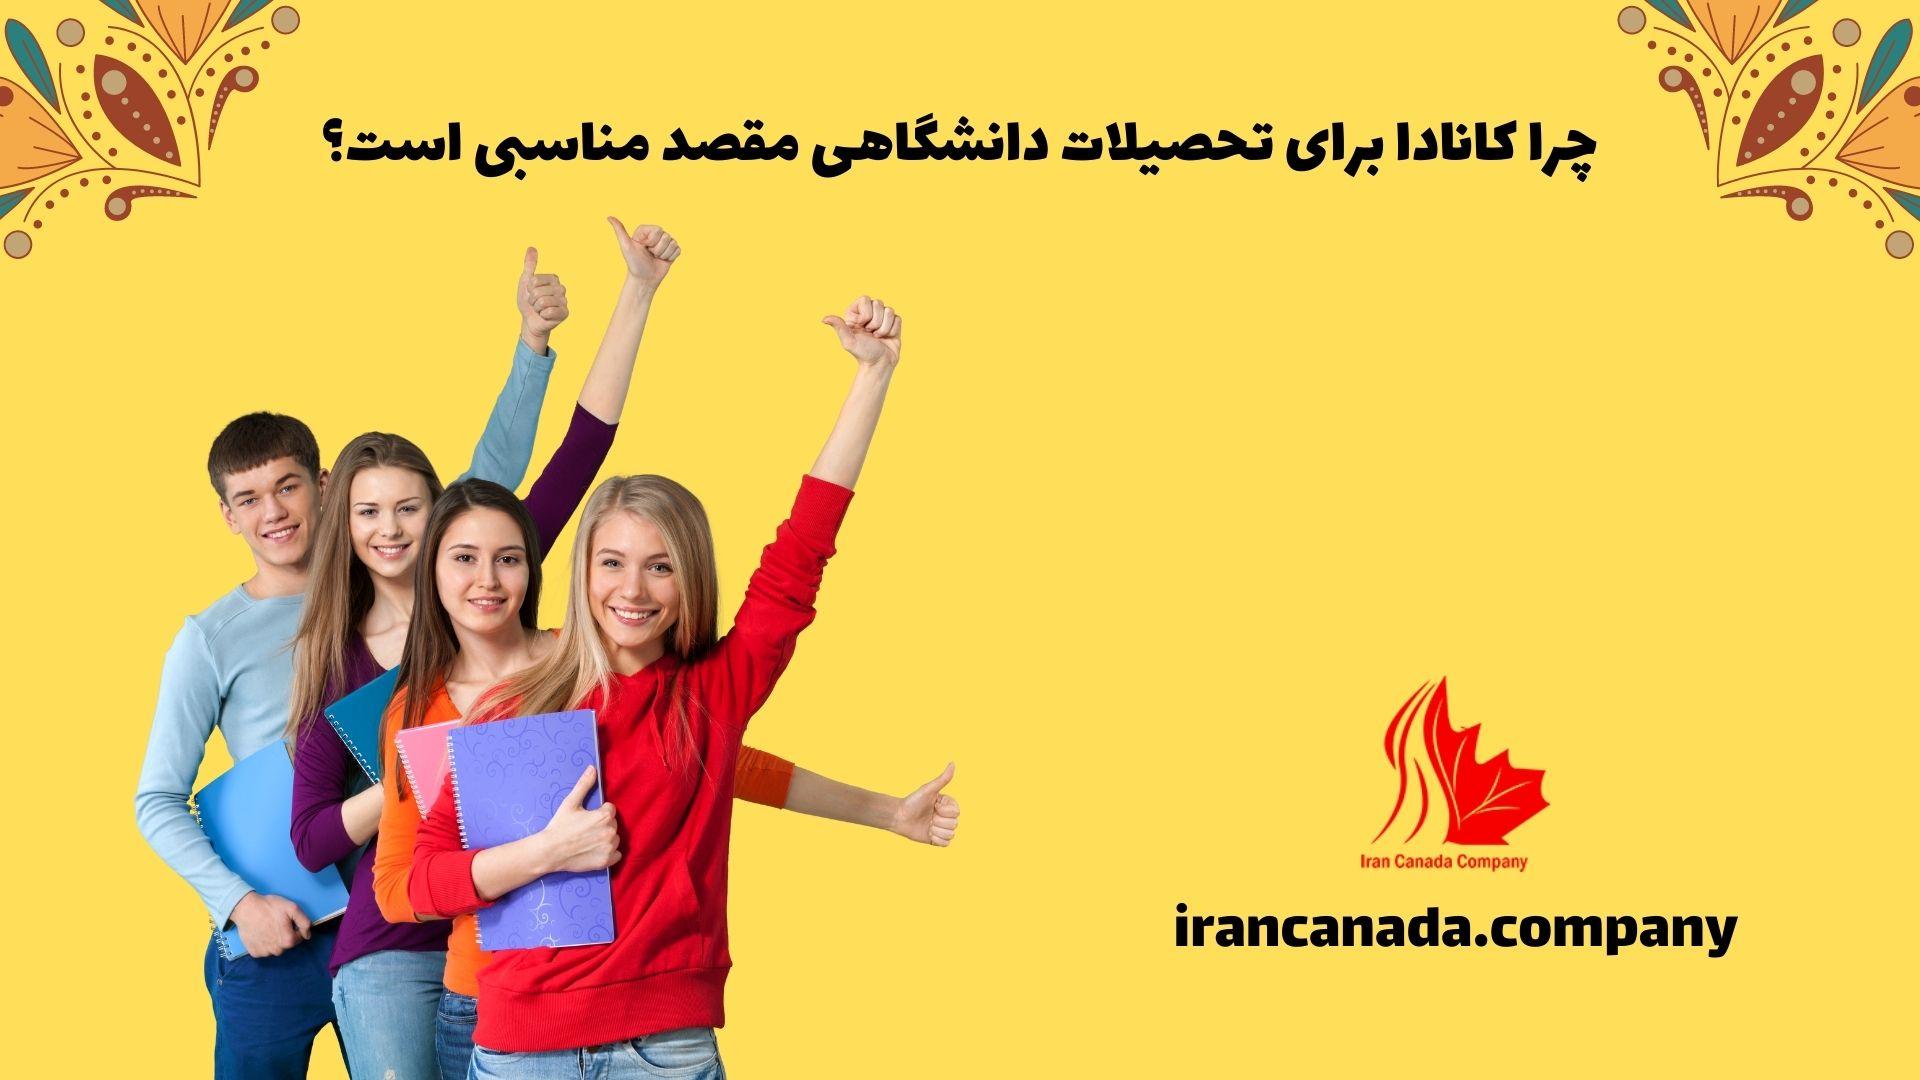 چرا کانادا برای تحصیلات دانشگاهی مقصد مناسبی است؟